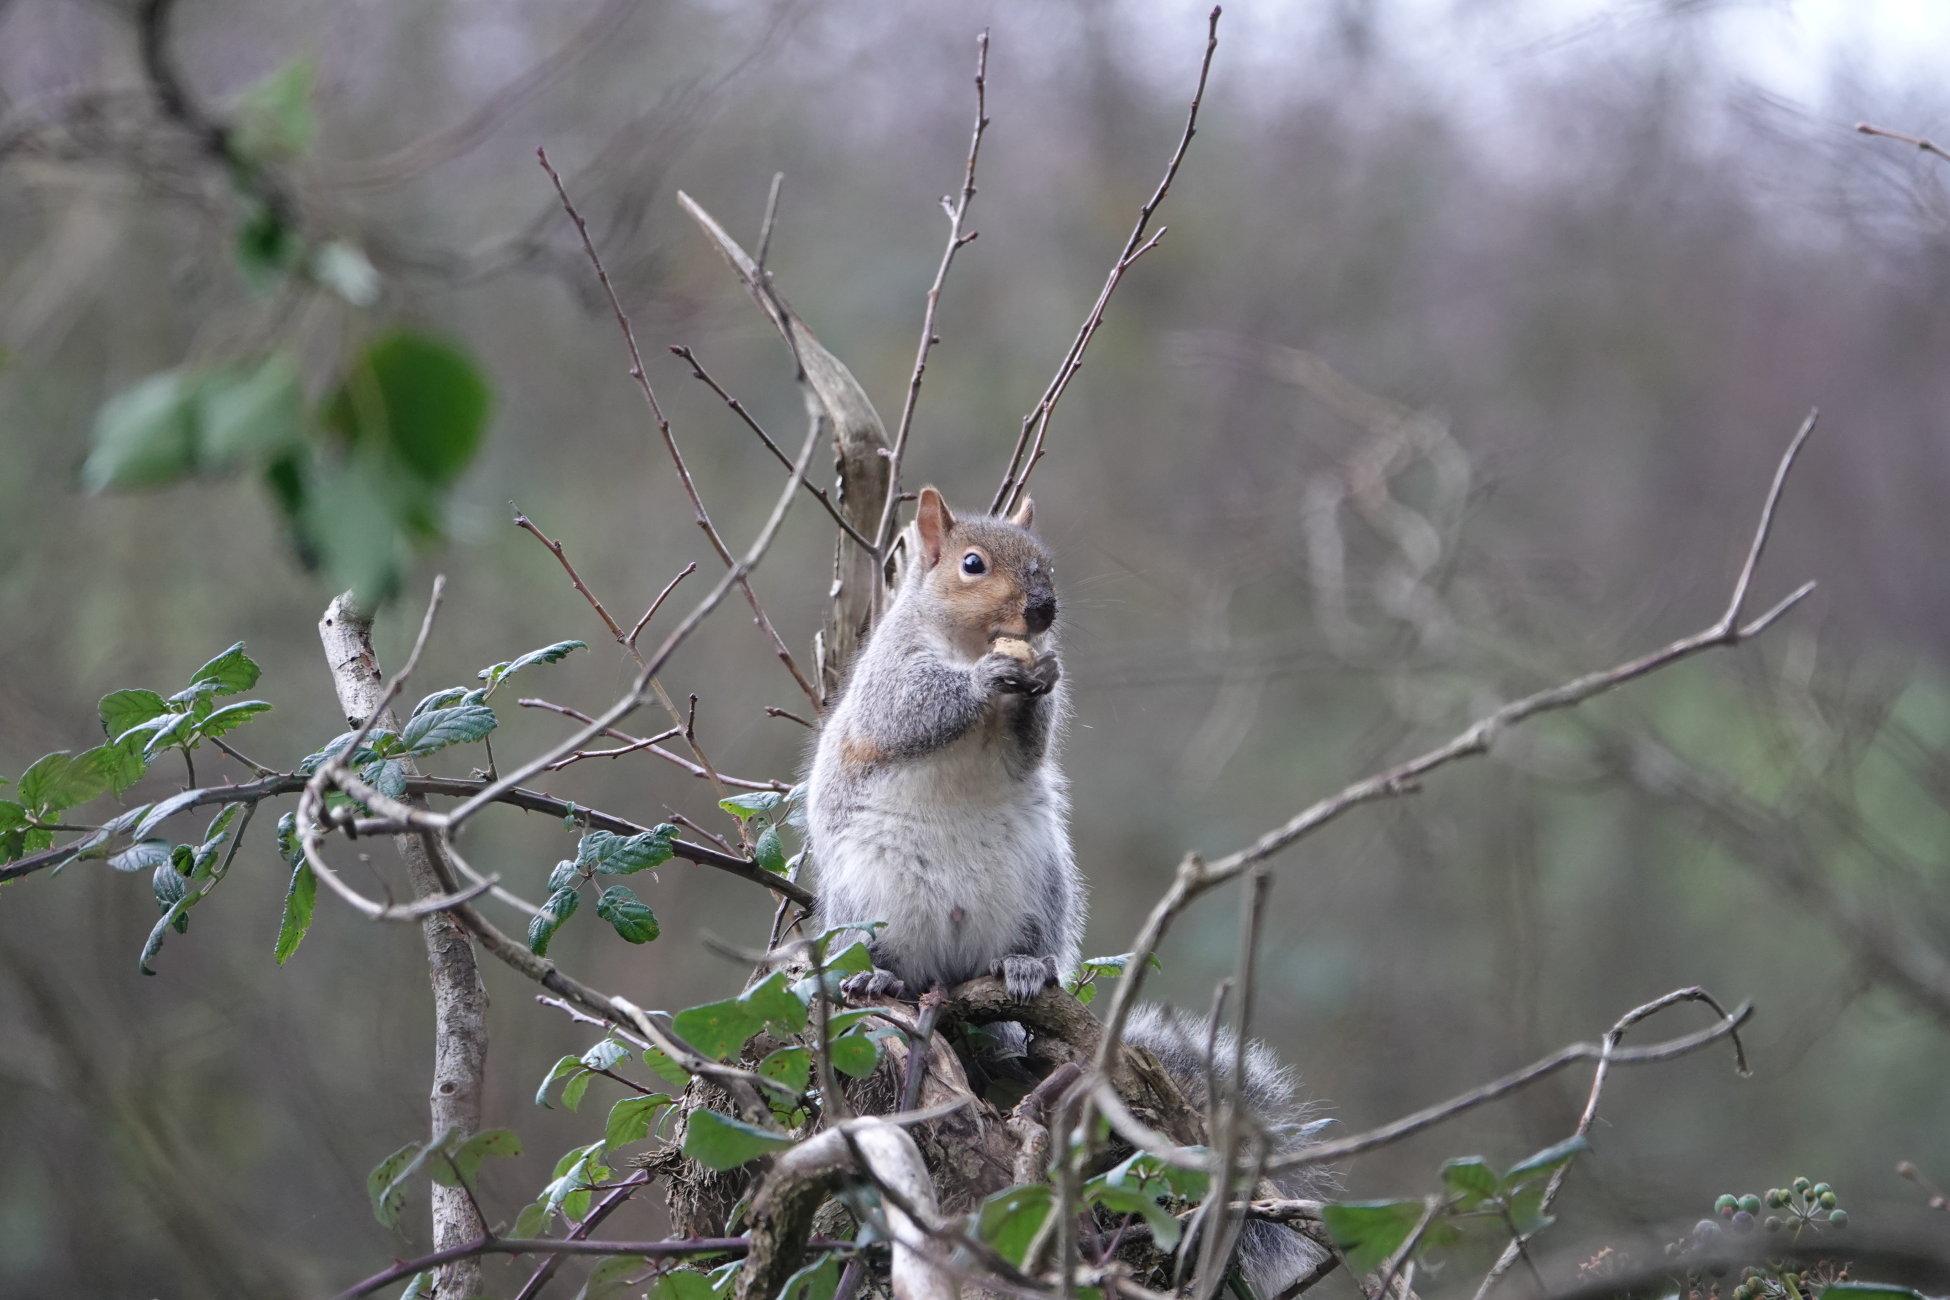 Squirrel eating breakfast.